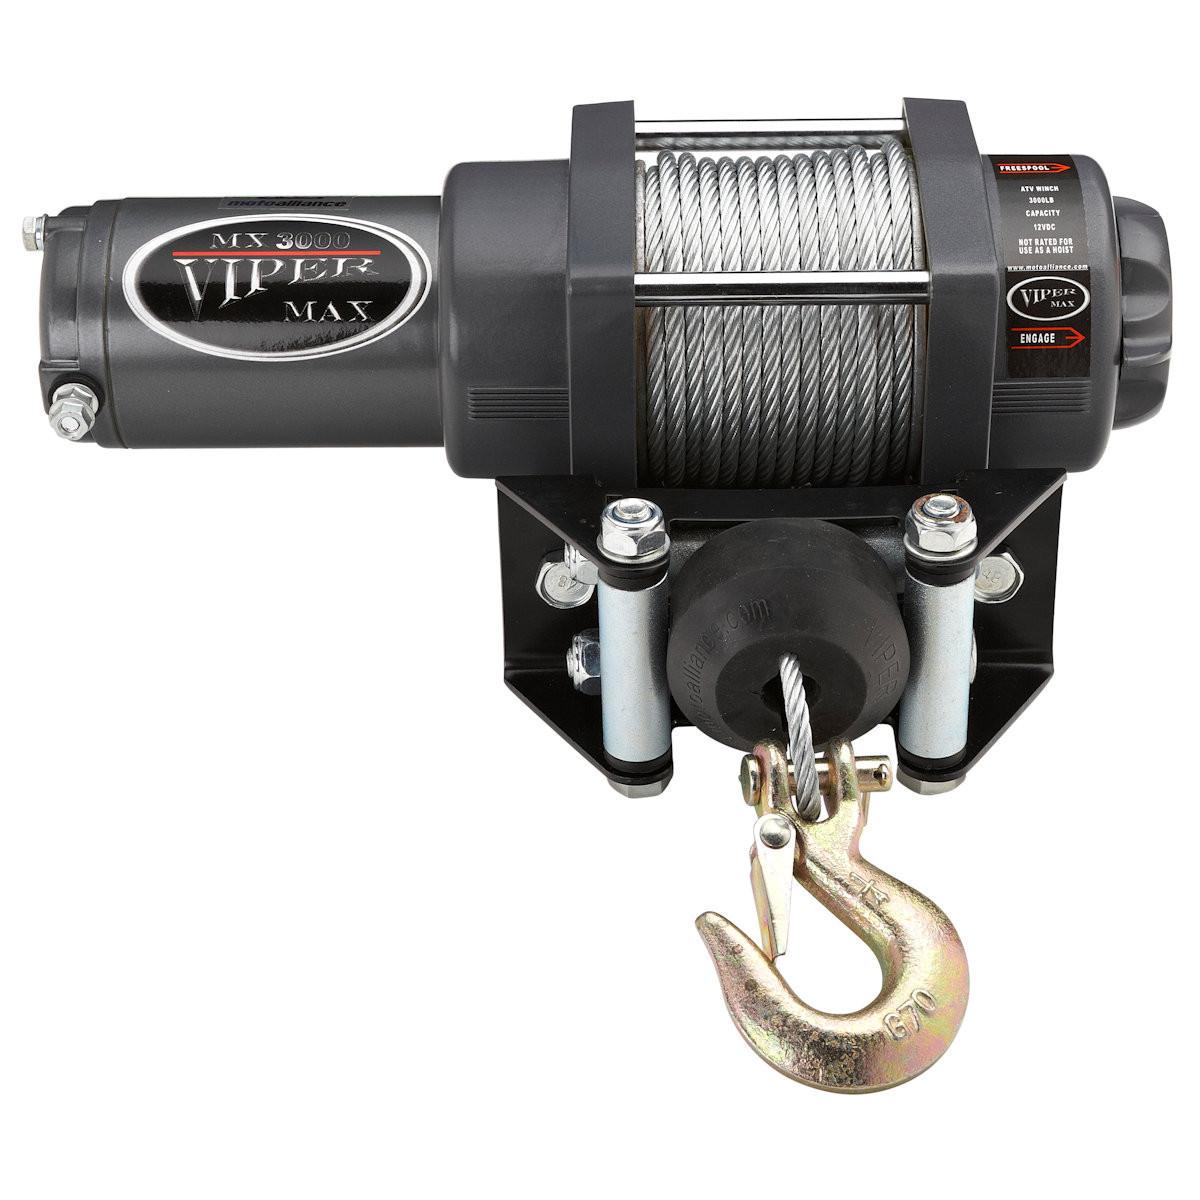 Viper ATV/UTV Winch 3000 - Steel cable